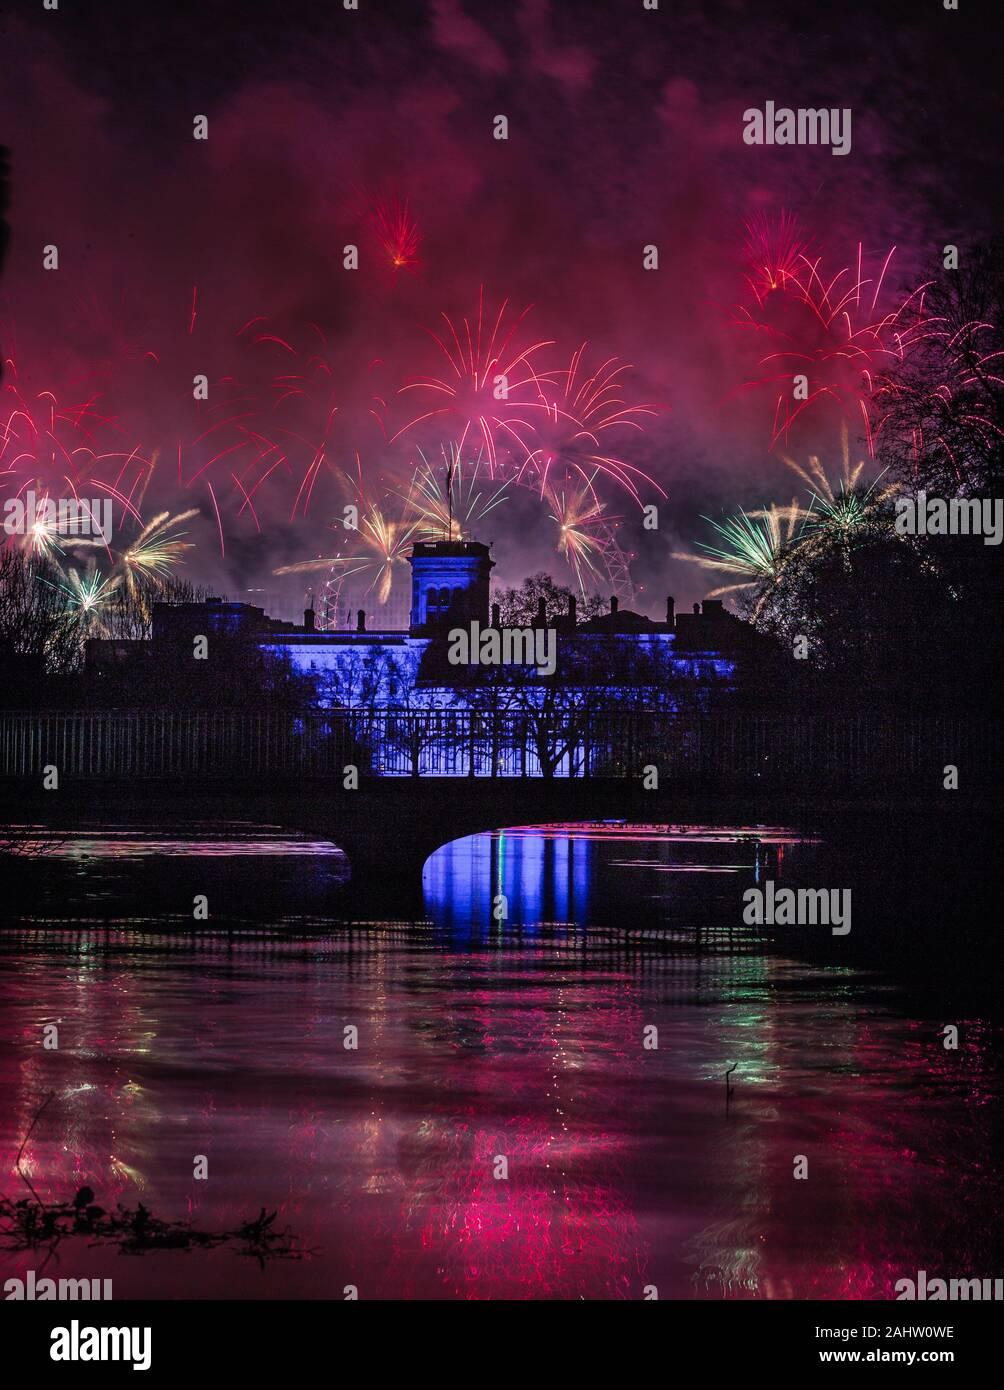 D'artifice à Londres est en cours avec la nouvelle année de 2020 commence Banque D'Images